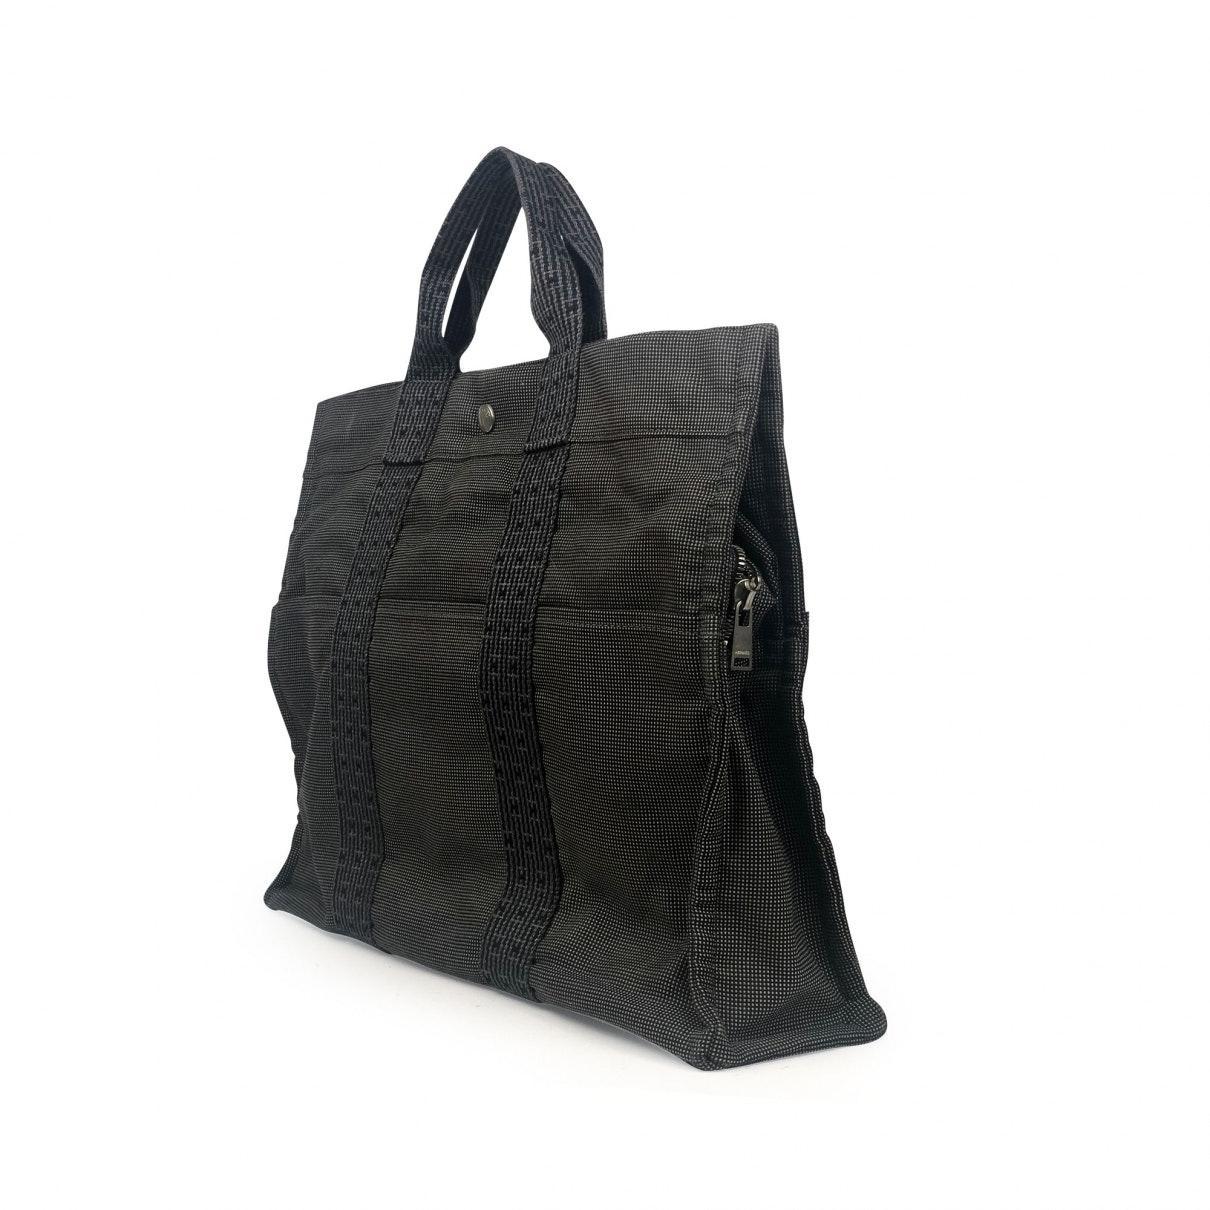 Sac à main Herline en Toile Noir Hermès en coloris Noir fkV6